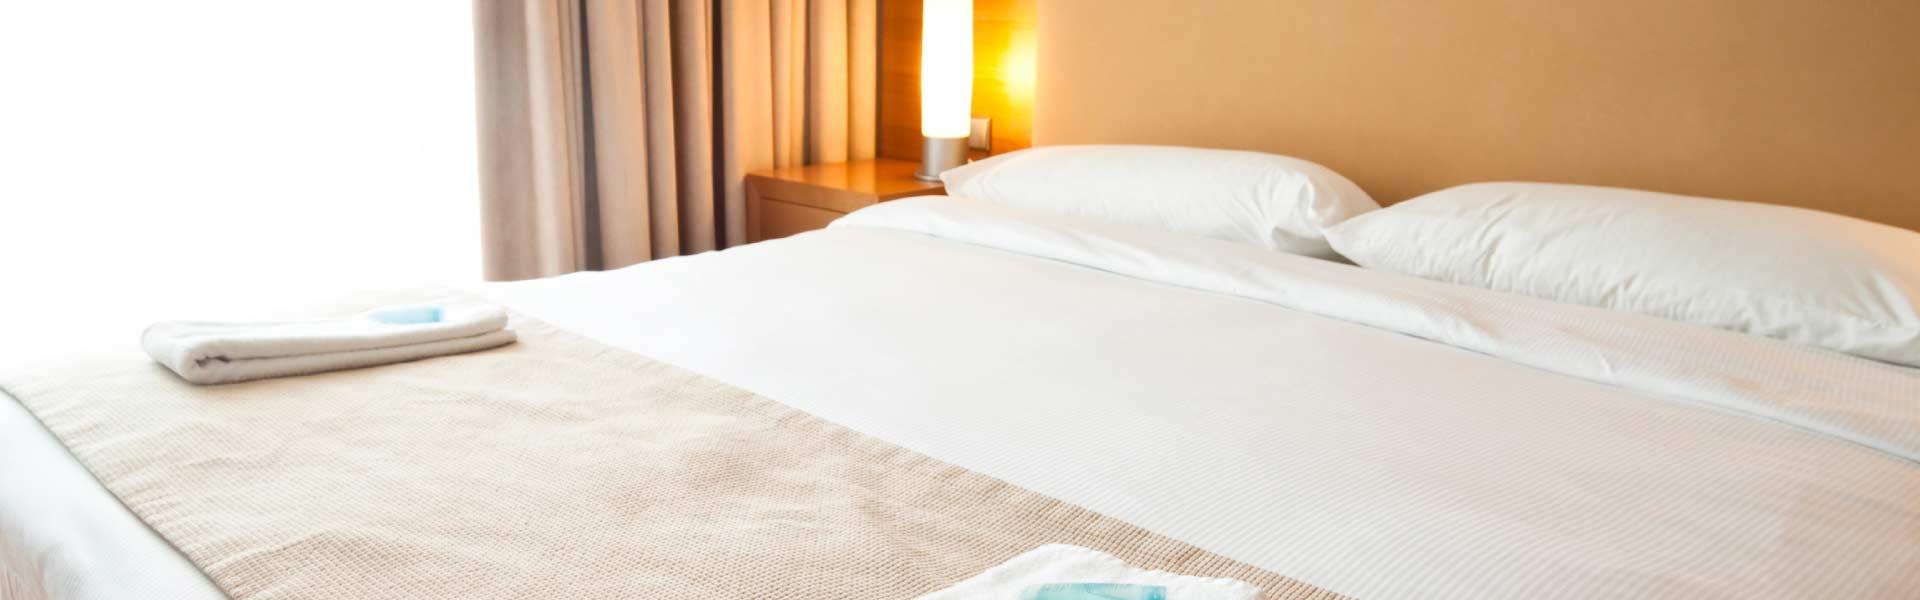 productos para habitaciones hoteleras